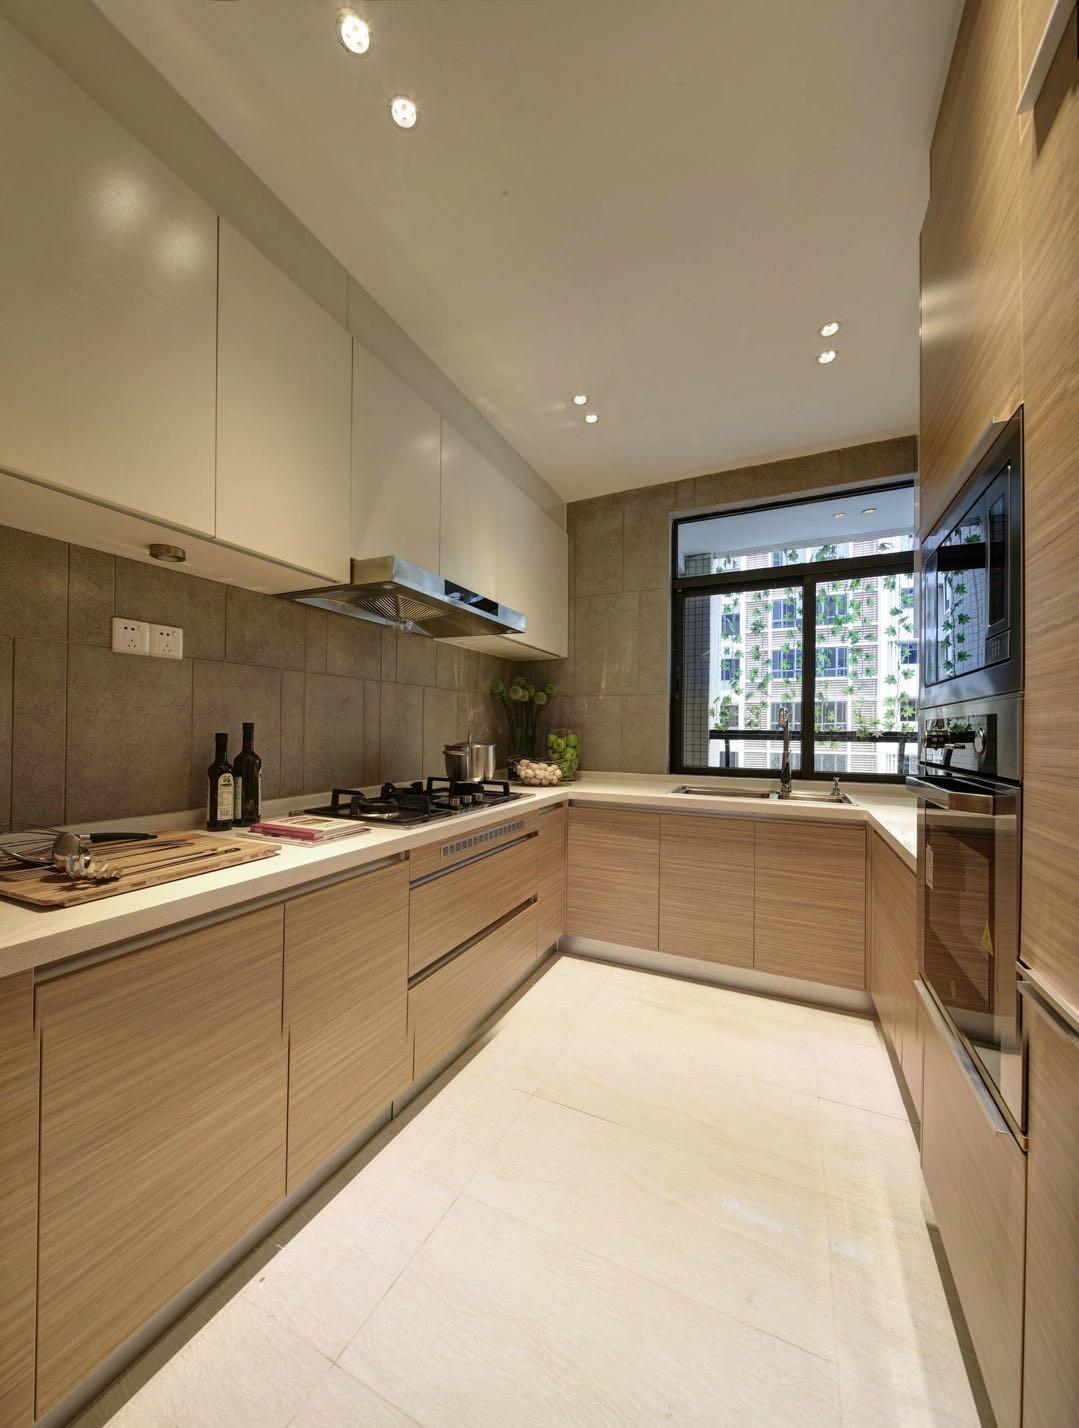 现代简约样板间厨房装修效果图